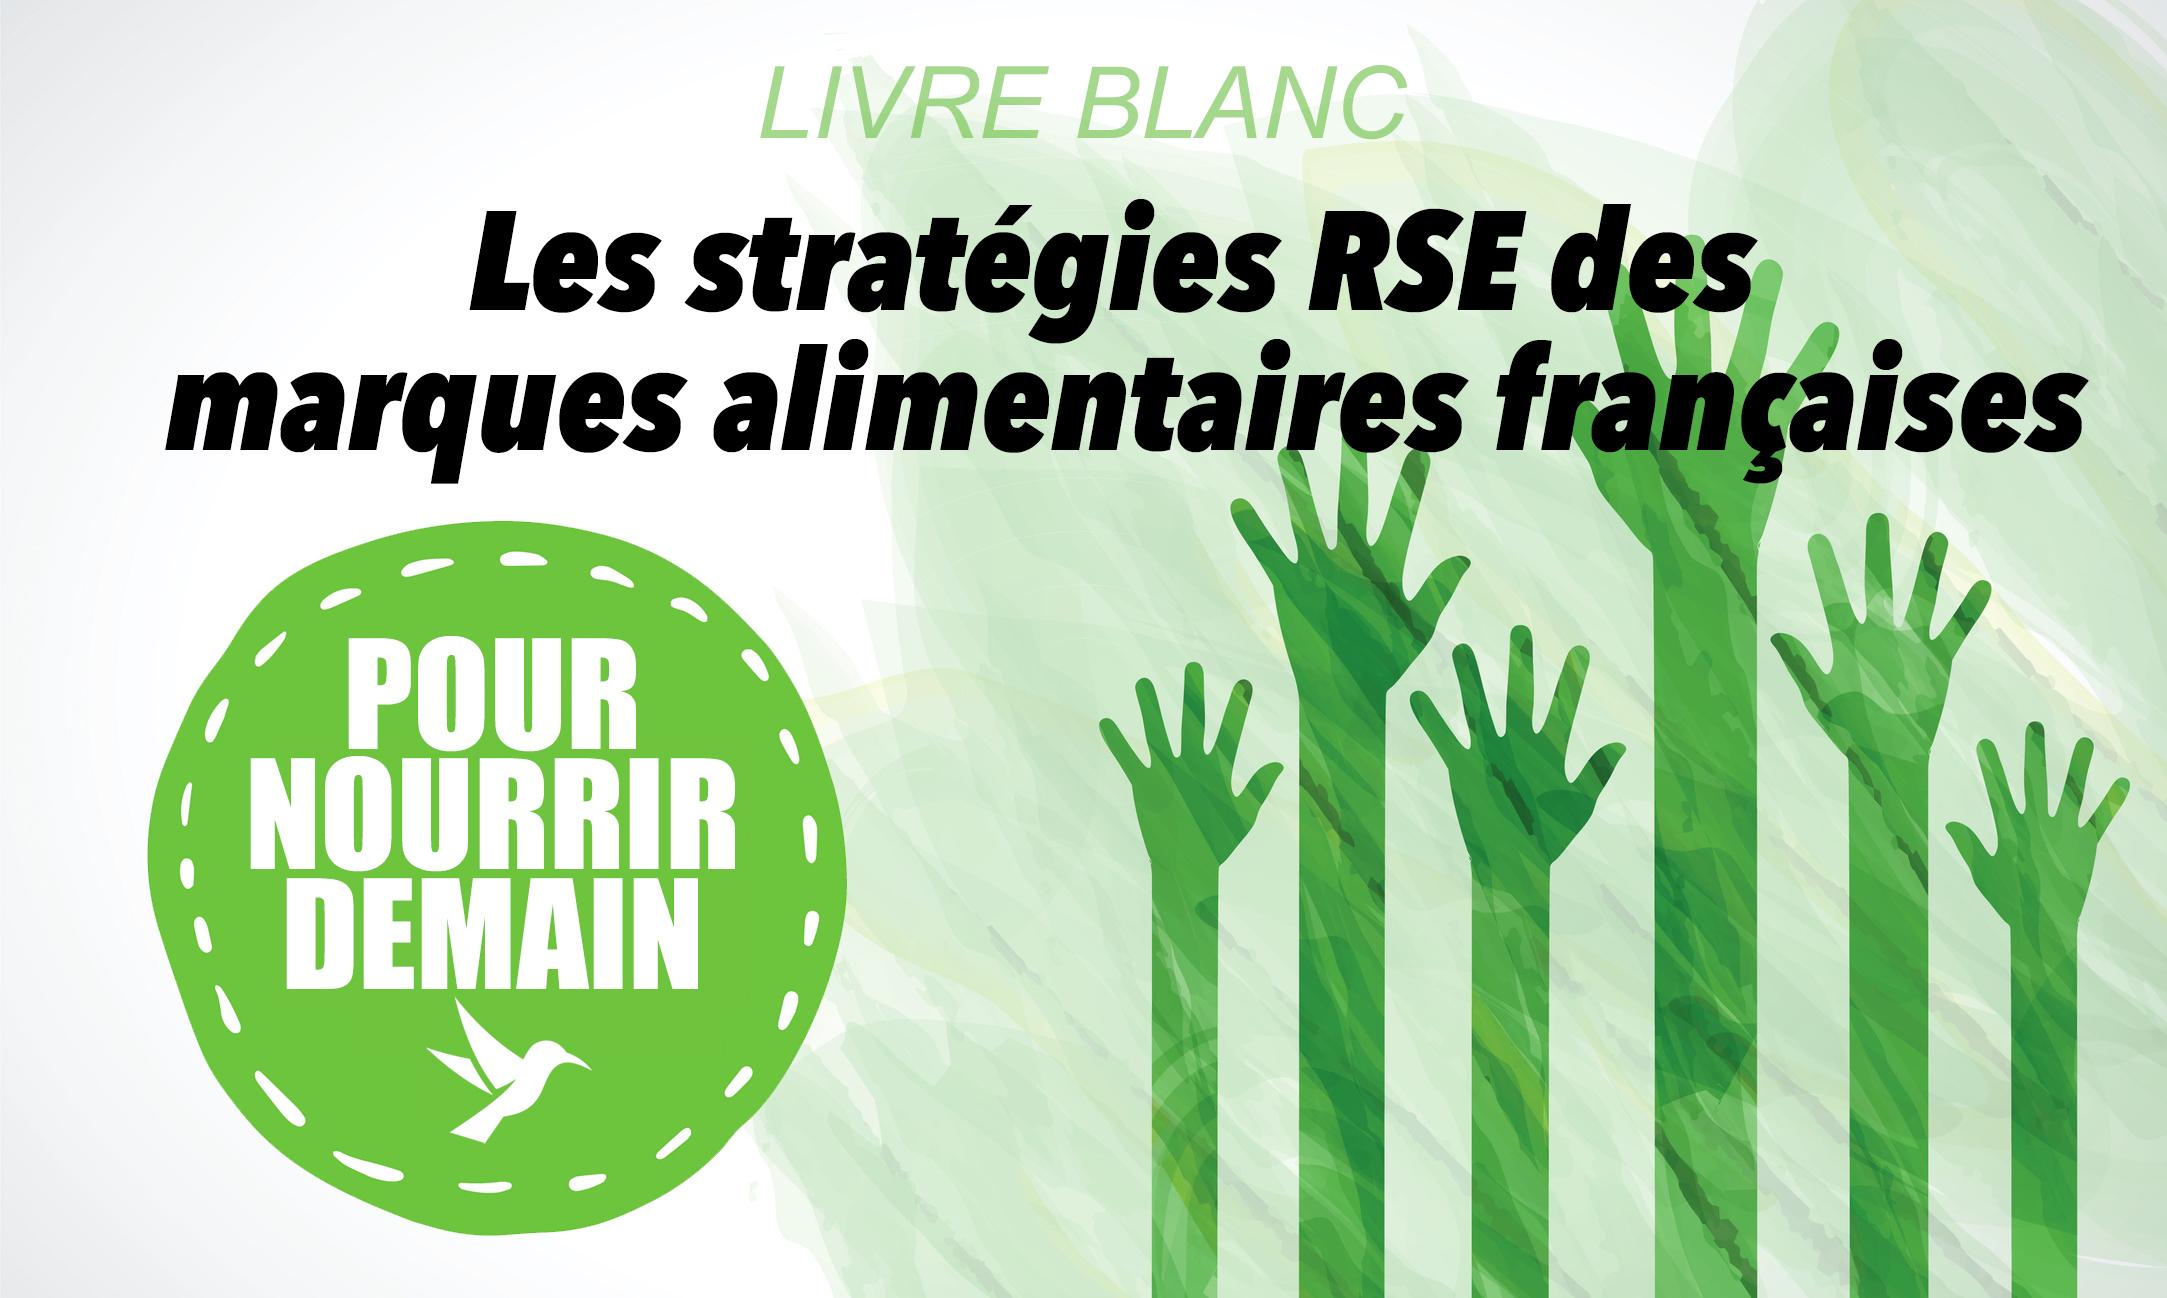 """strategie rse - Livre blanc : """"Les stratégies RSE des marques alimentaires françaises"""""""